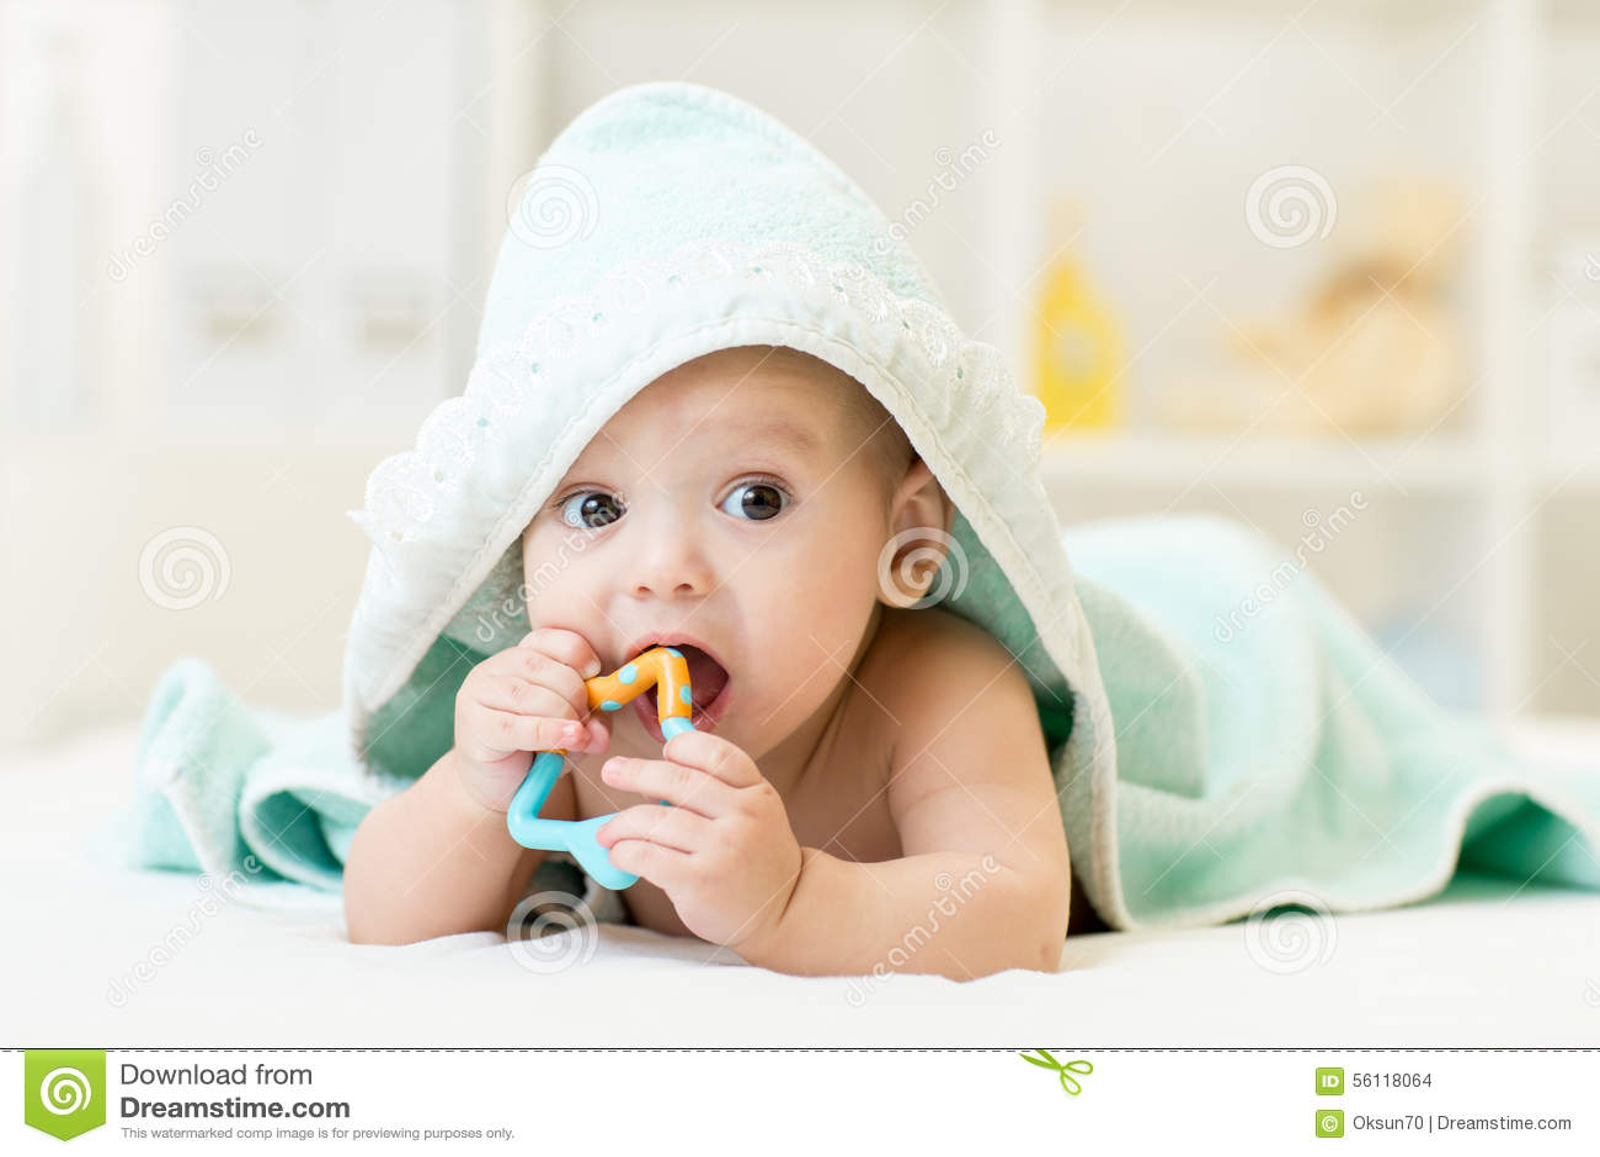 Baby met teether in mond onder het baden handdoek bij kinderdagverblijf